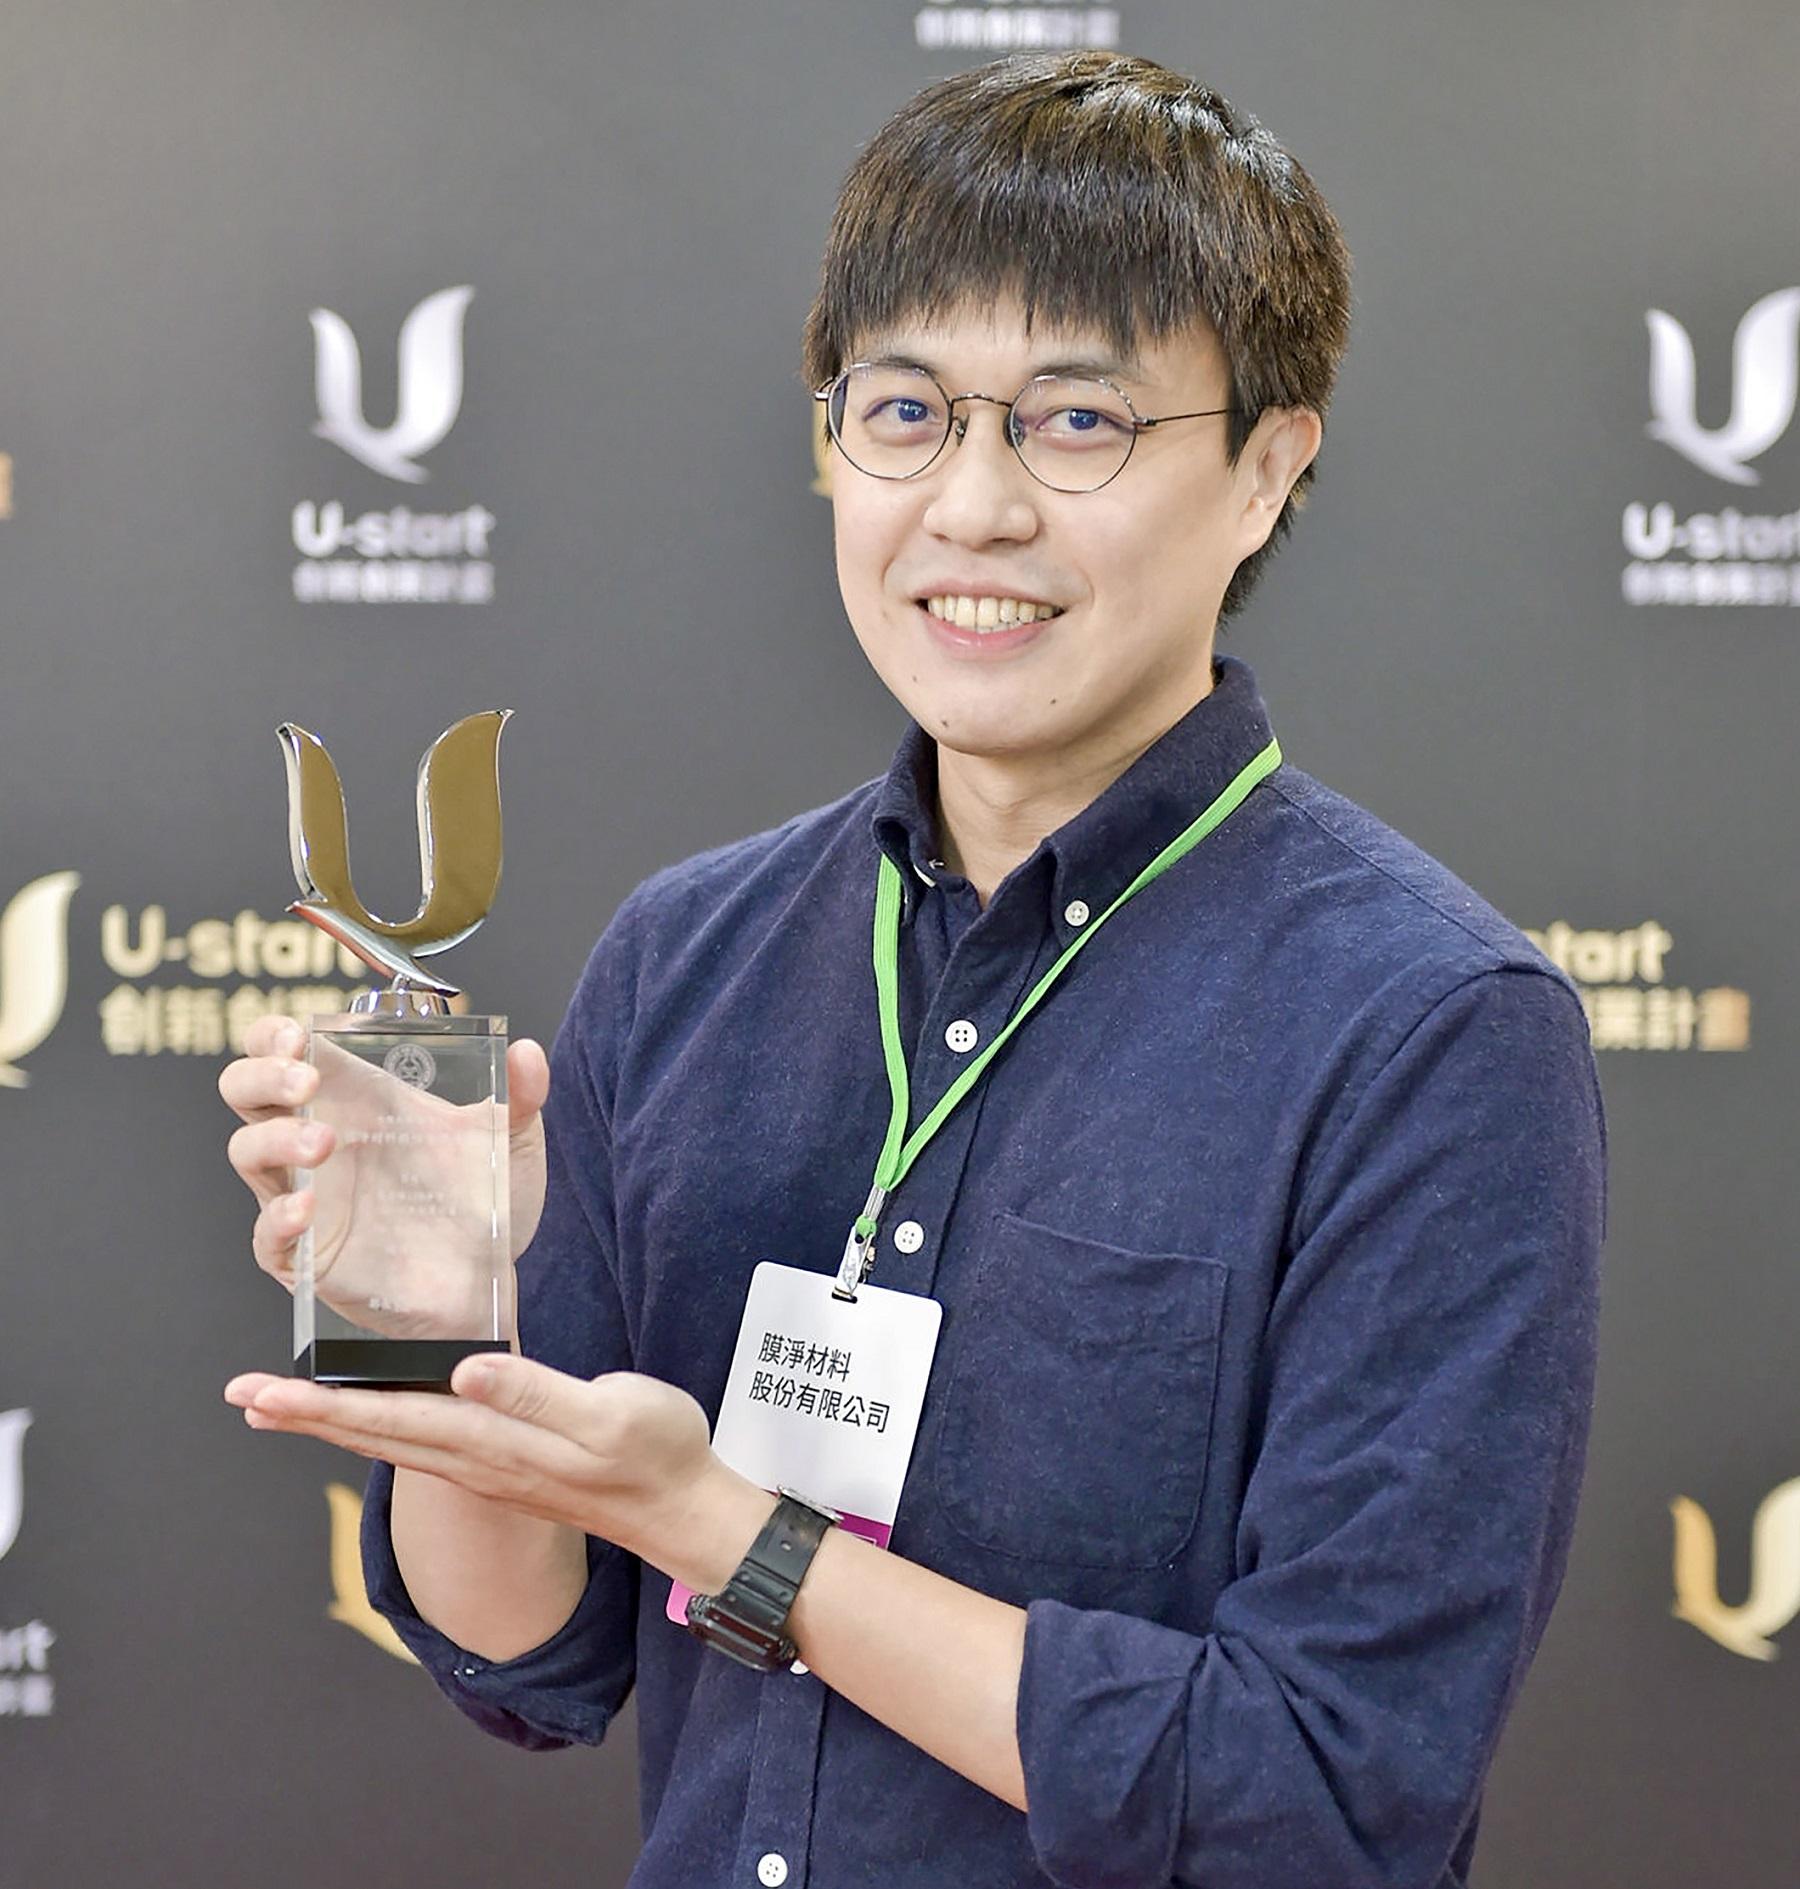 研發最強薄膜過濾技術  化學系校友陳柏瑜  打造可生飲的除菌純淨水